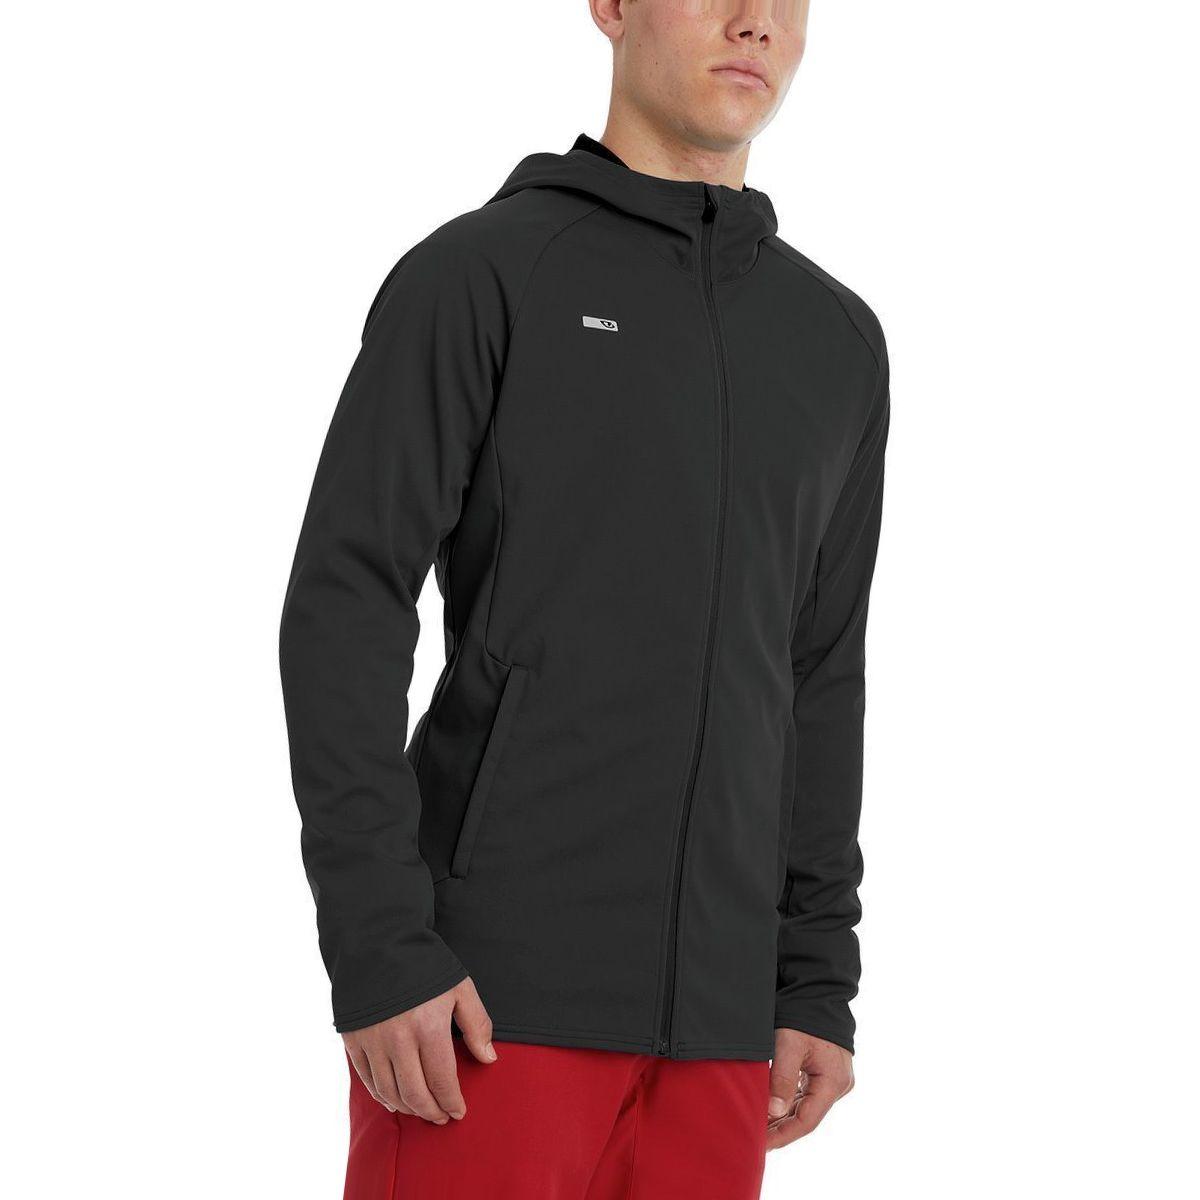 Giro Ambient Jacket - Men's